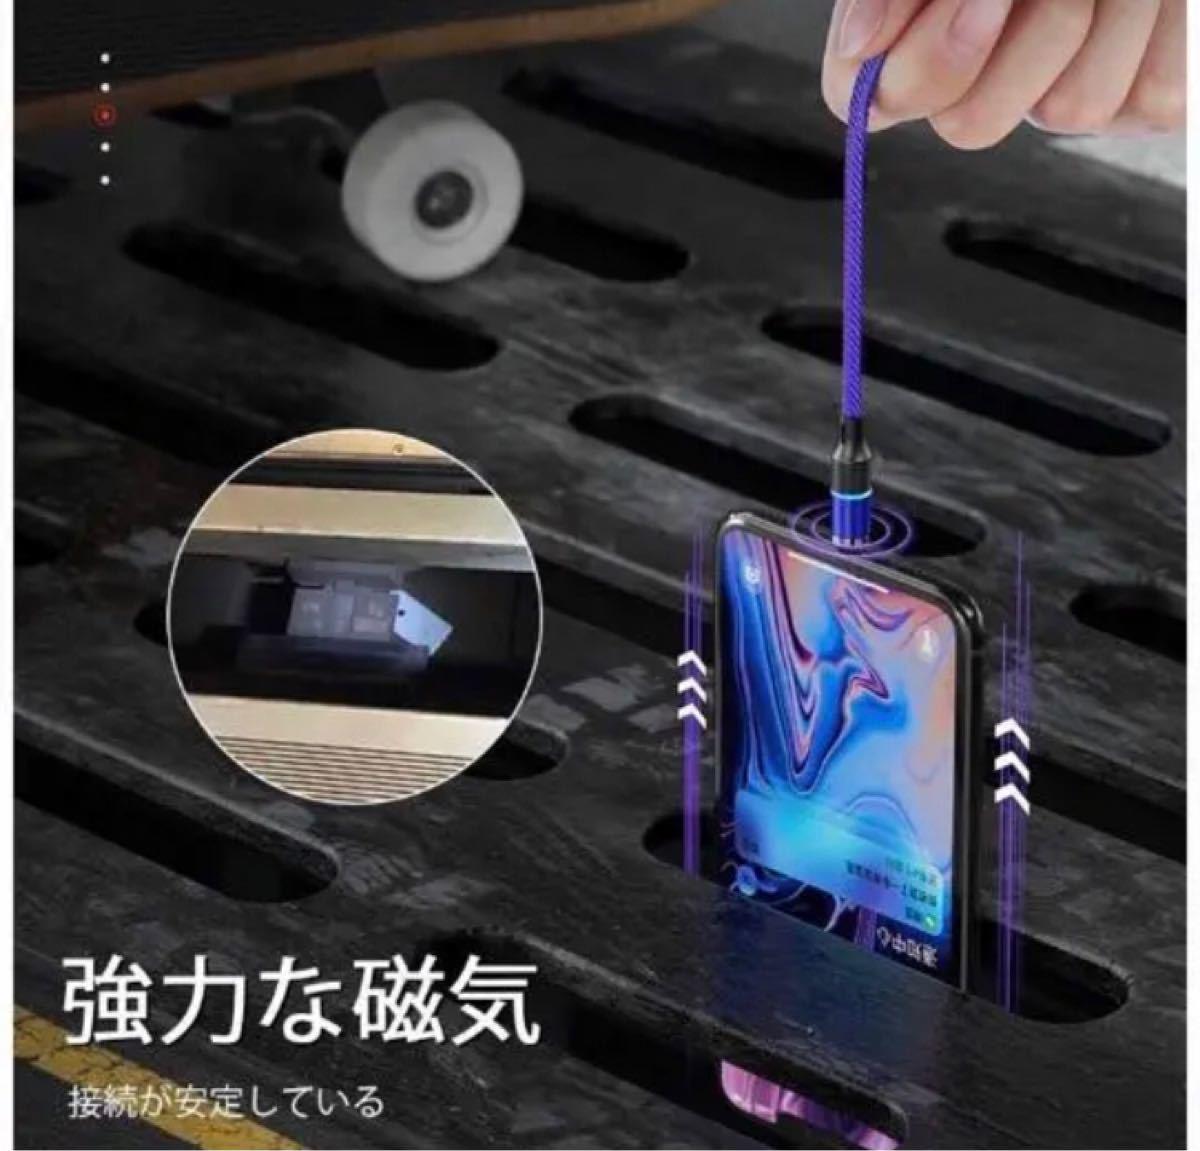 マグネット 充電ケーブル iPhone/Android/Type-Cケーブル3in1ケーブル